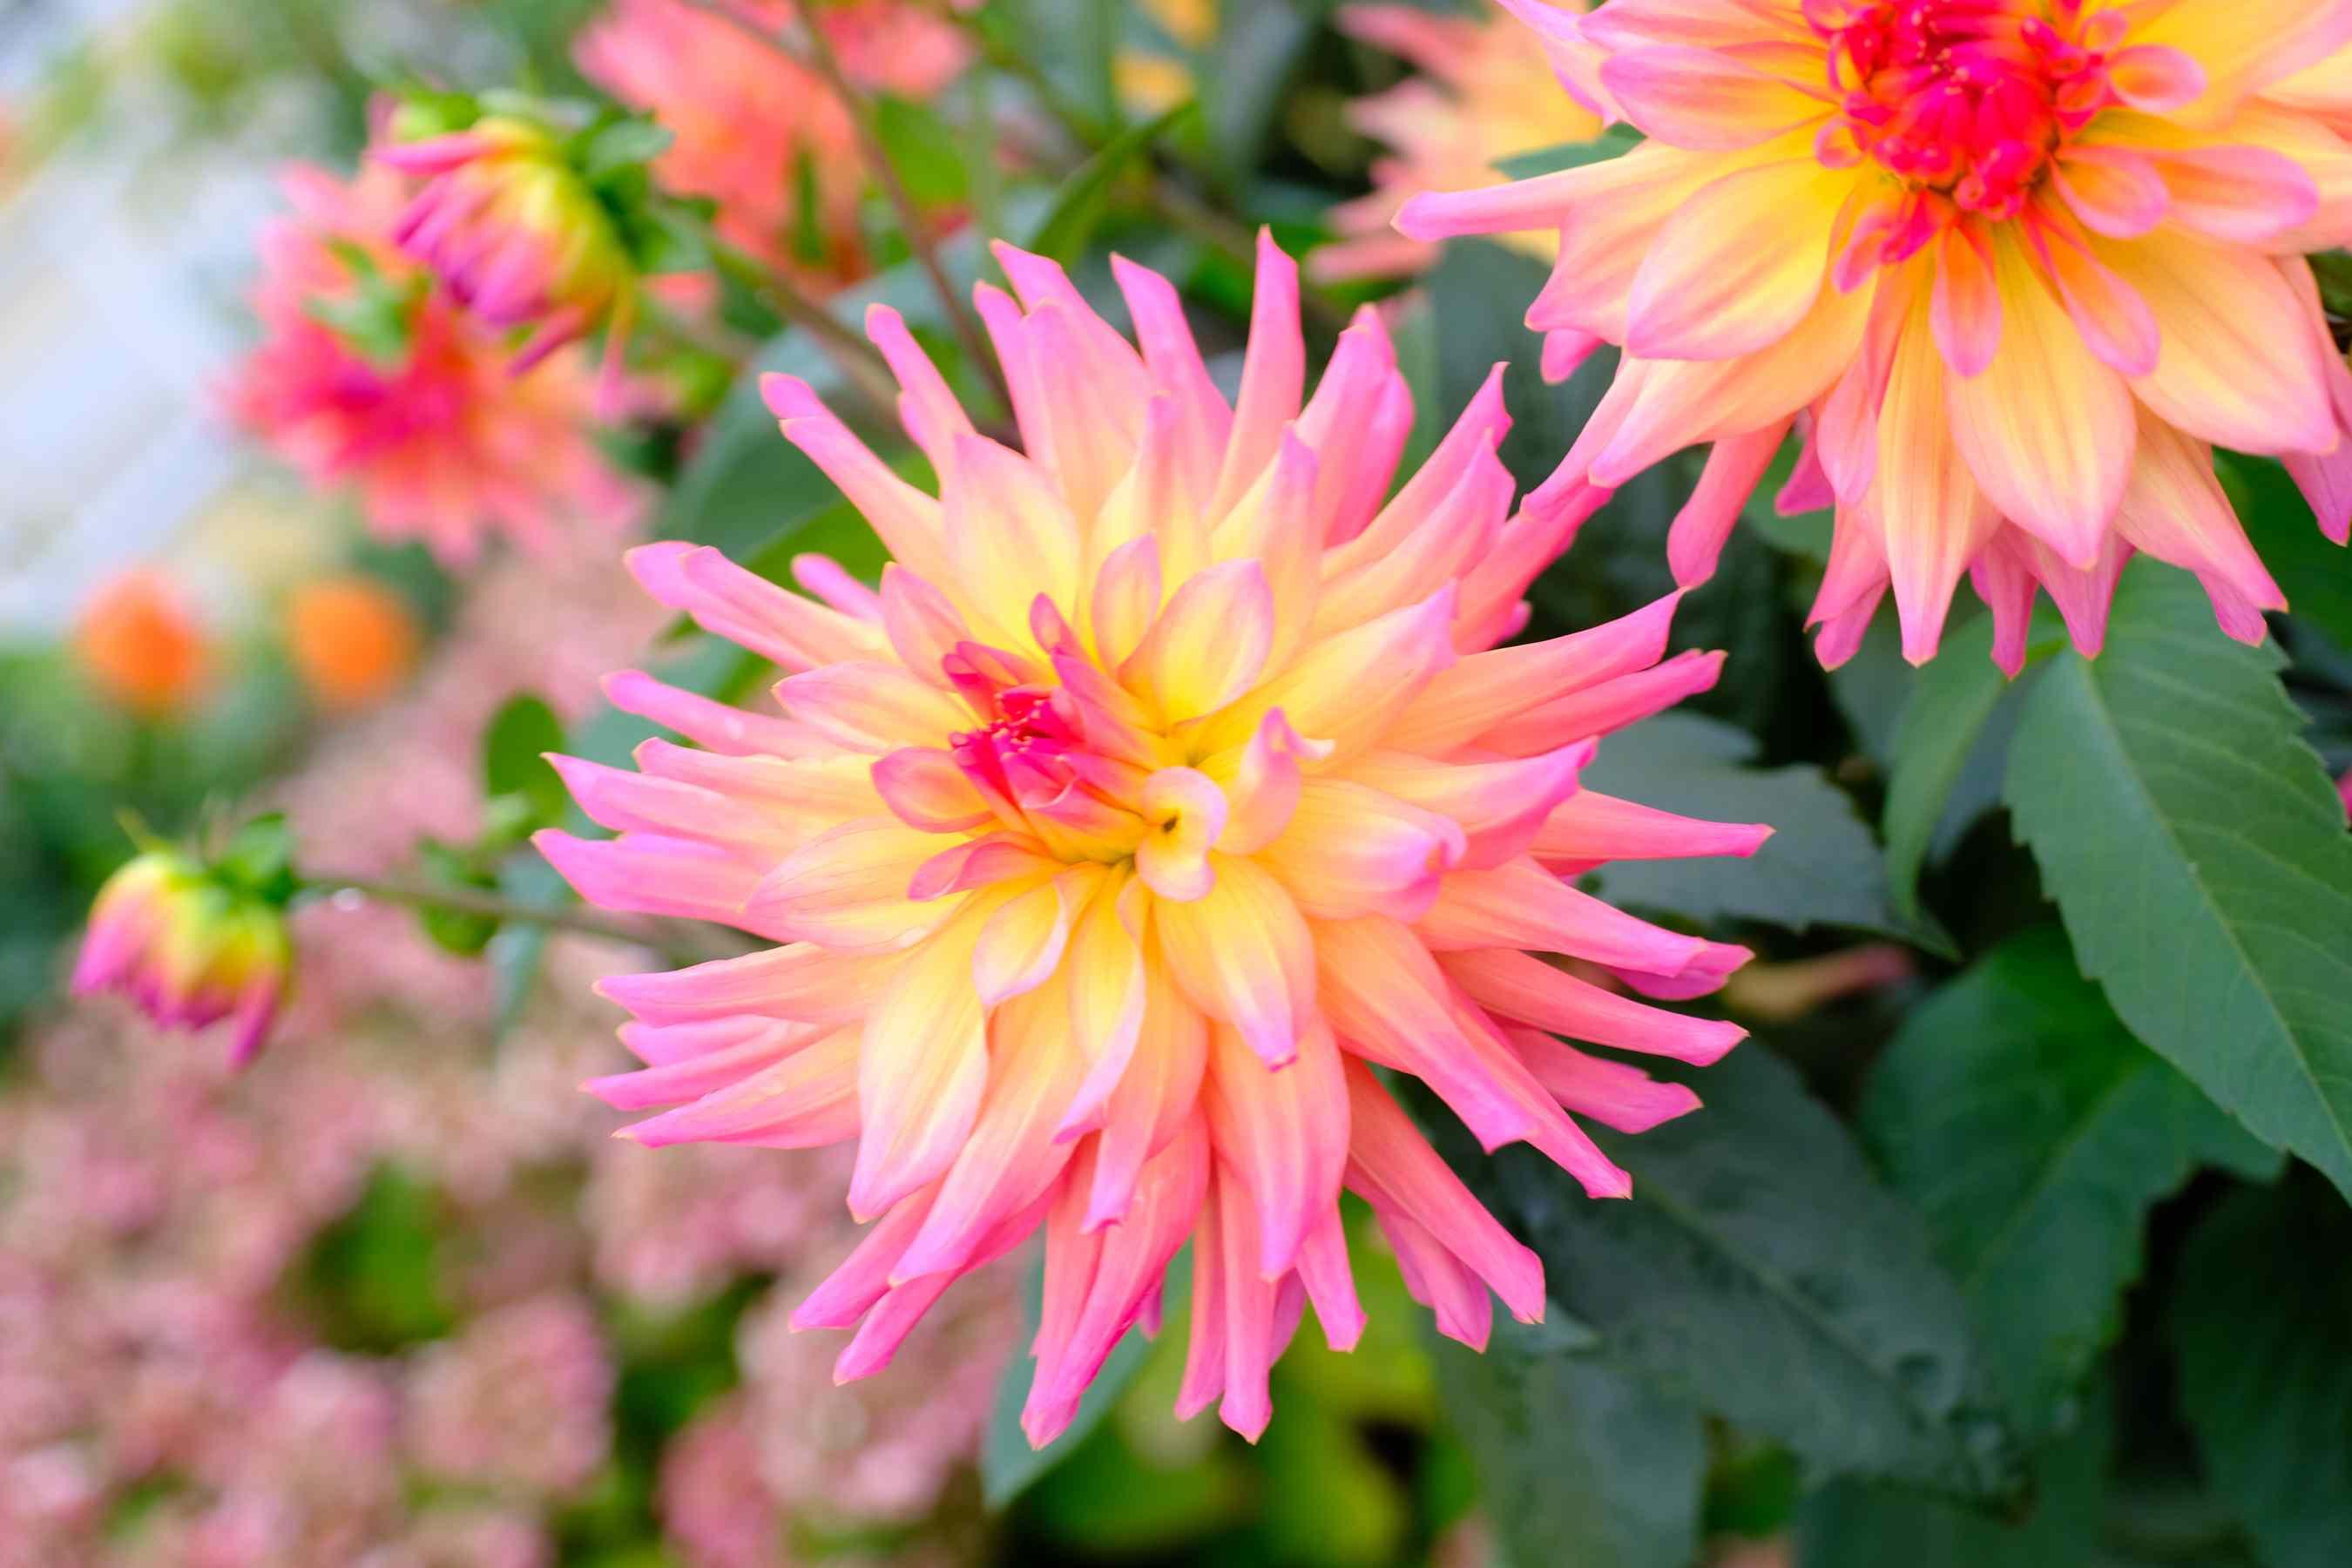 Flowers in a garden on Bainbridge Island